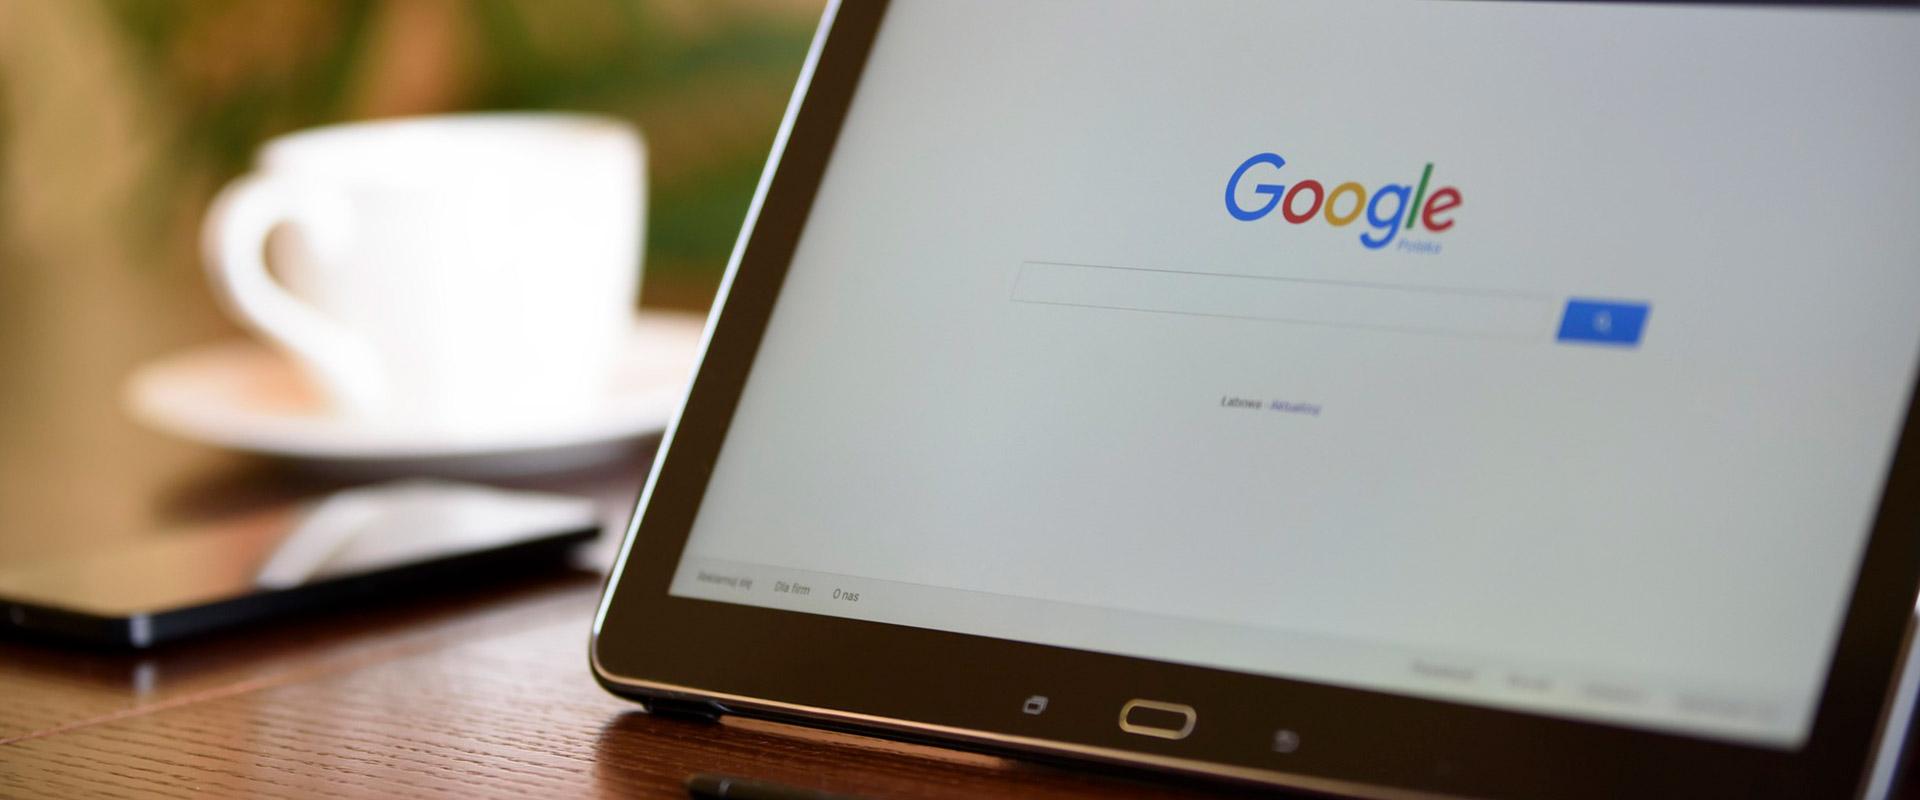 creacion web barcelona - 4 Consejos para elegir el dominio correcto para tu web